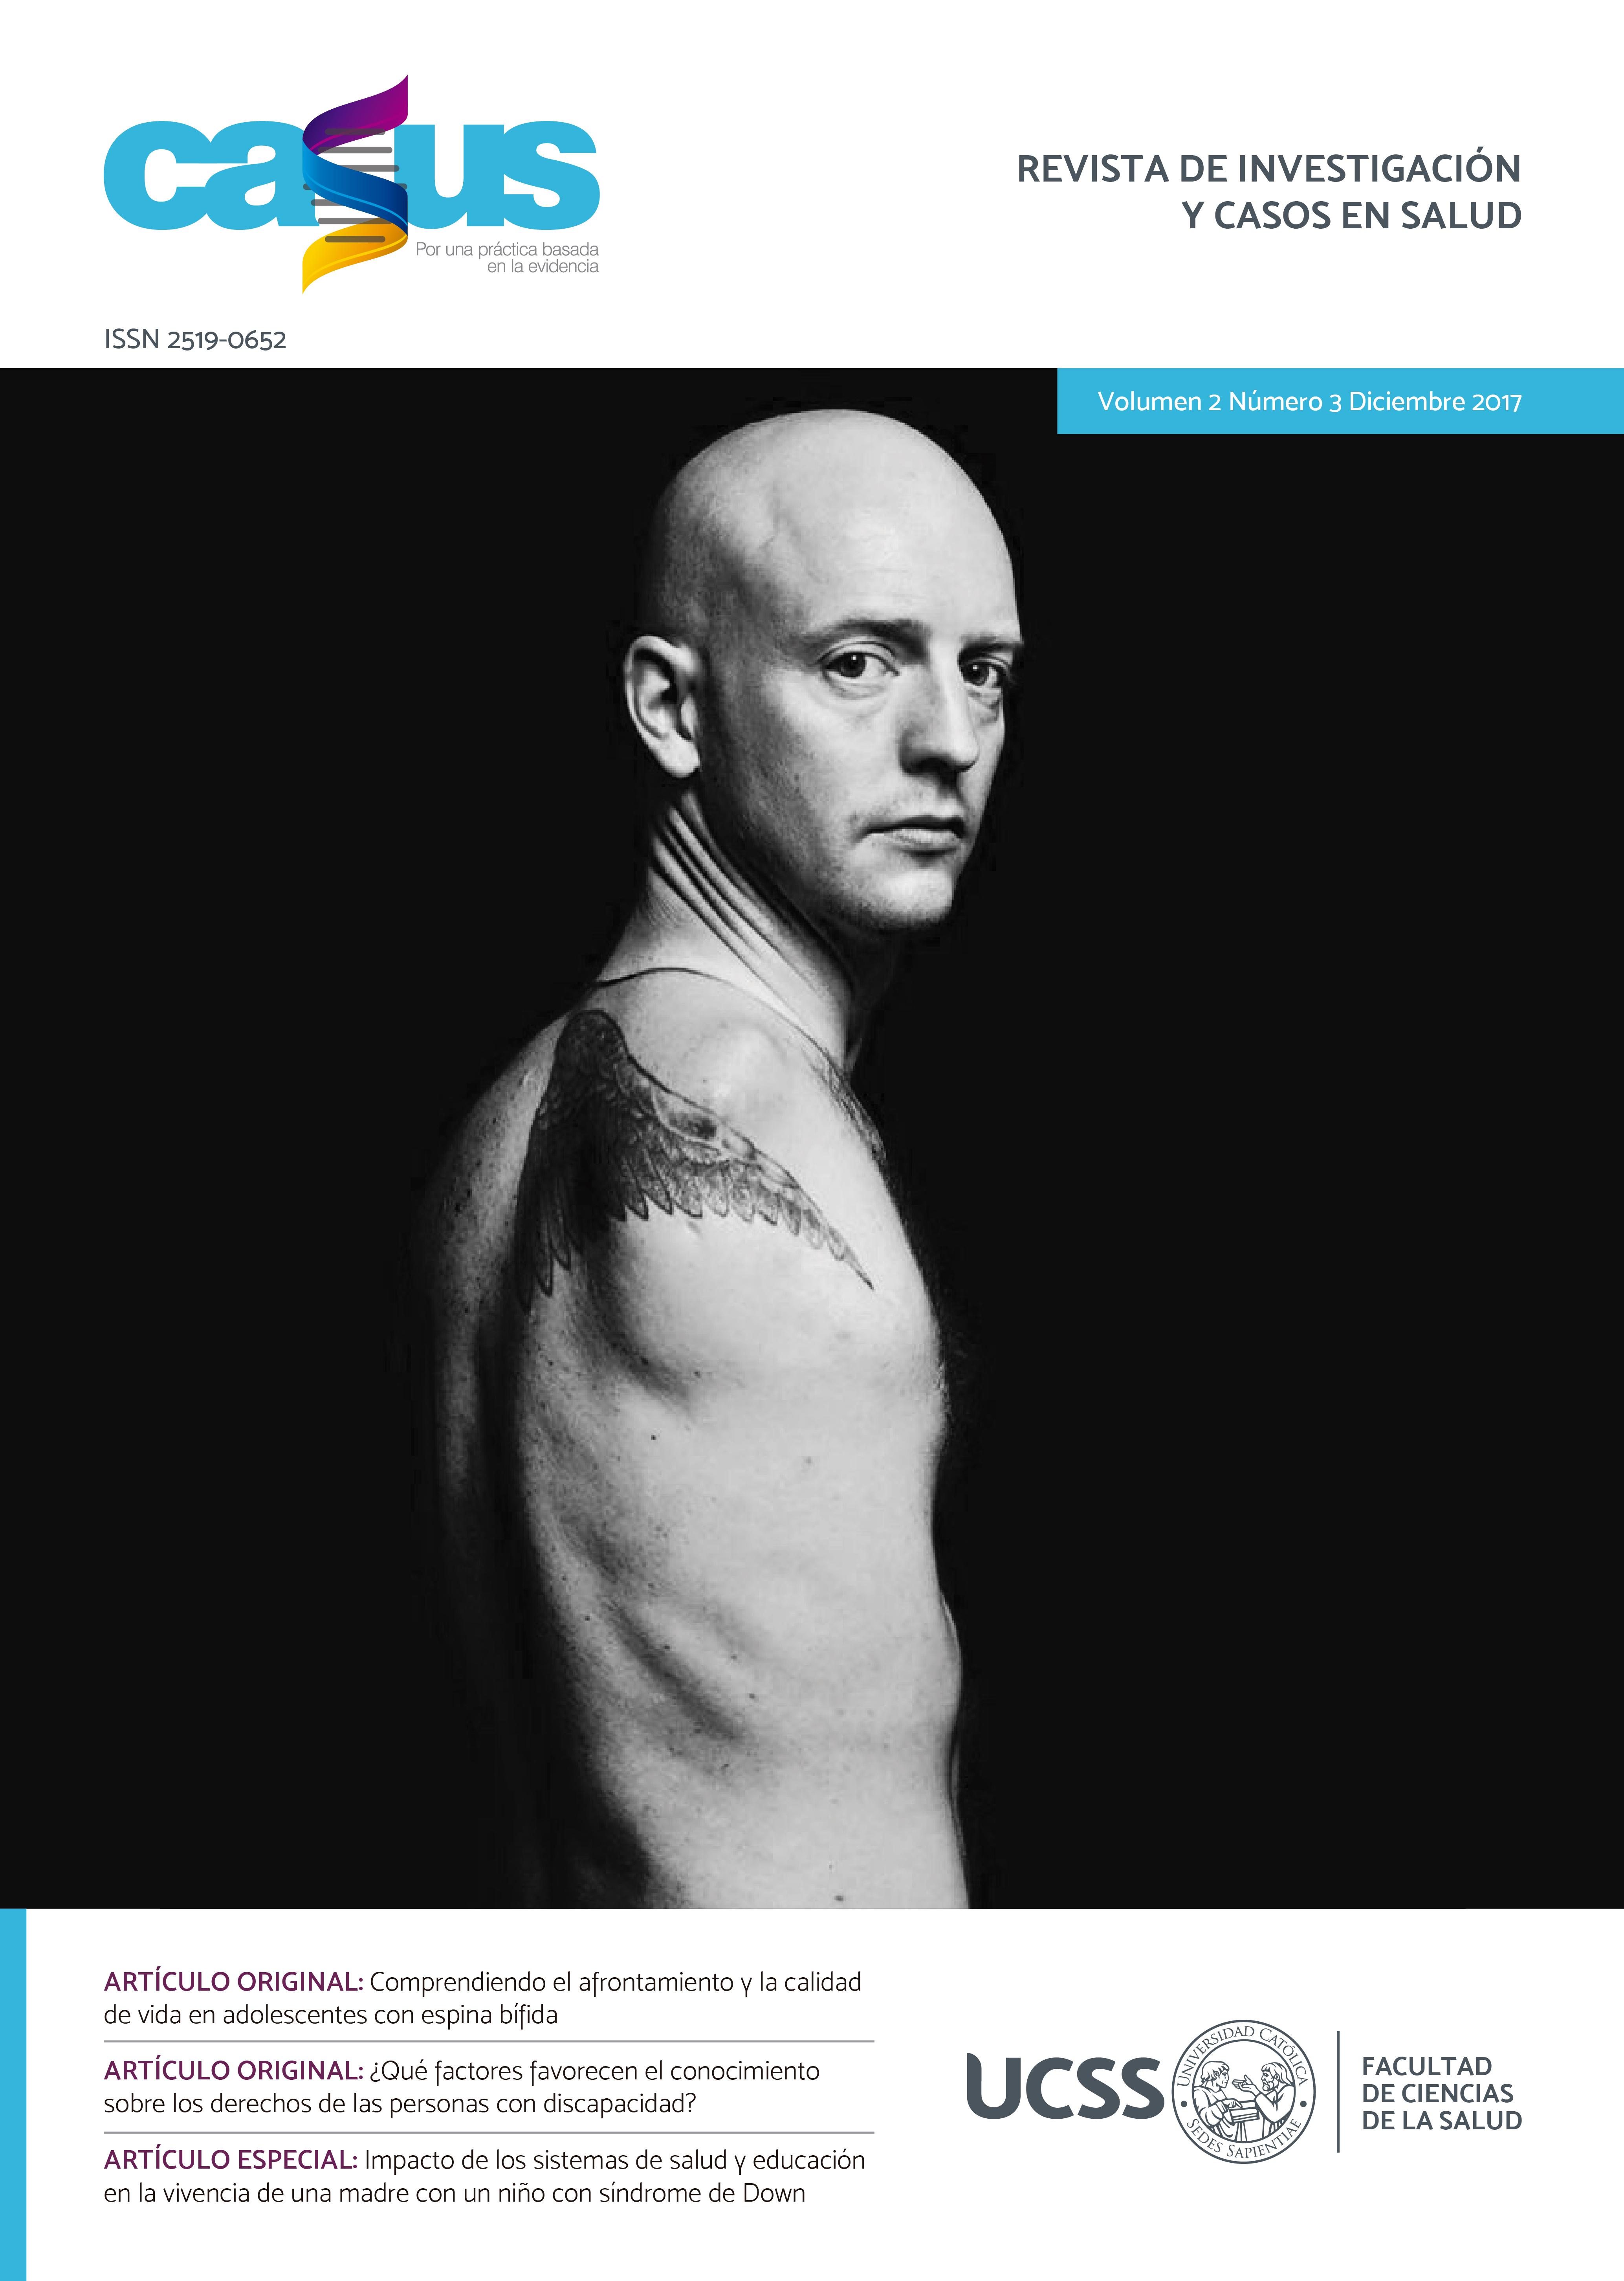 Imagen de la portada del número temático